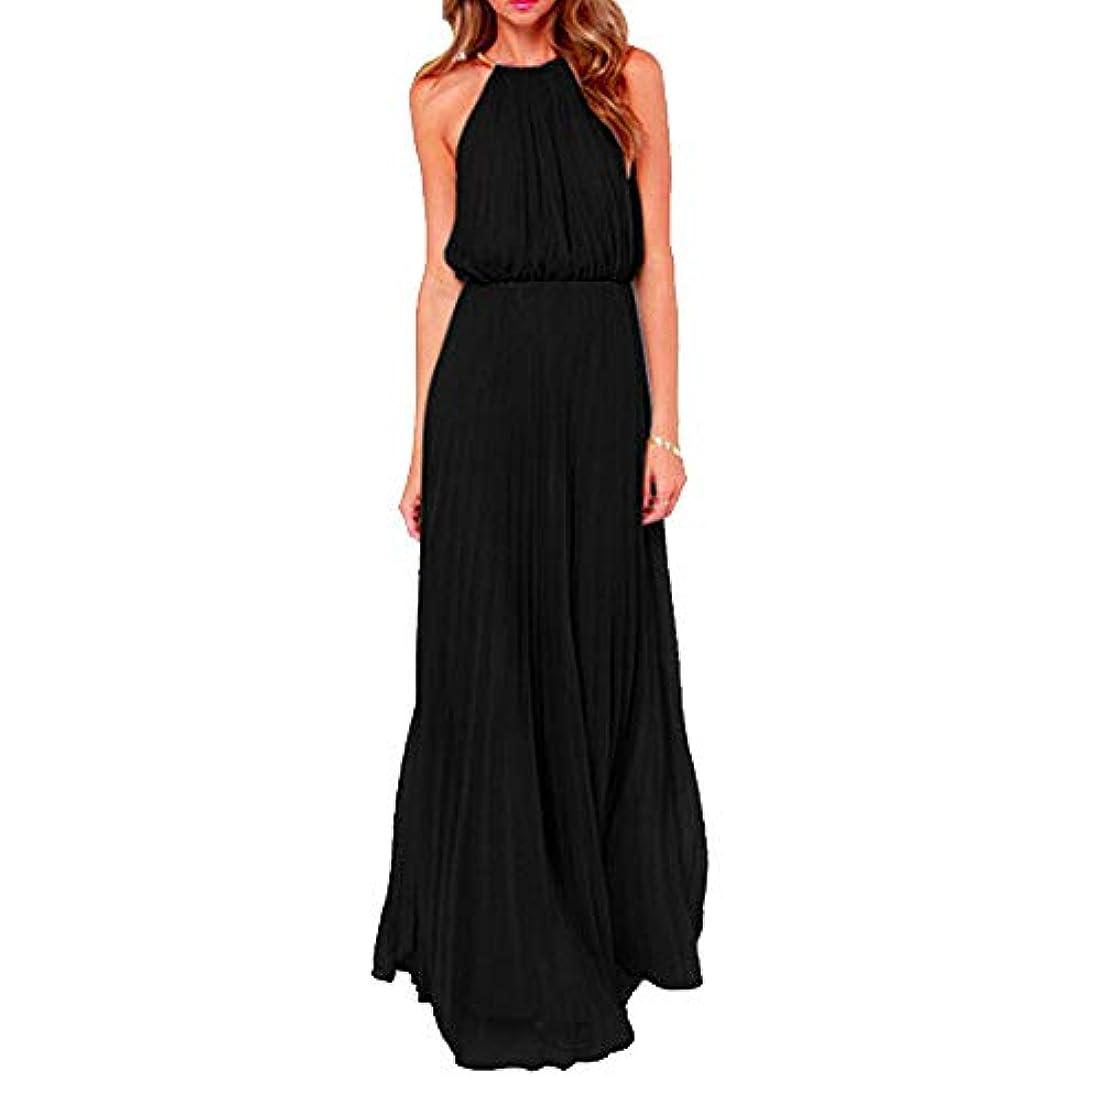 余分なメニュー欠陥MIFANロングドレス、セクシーなドレス、エレガント、女性のファッション、ノースリーブのドレス、ファッションドレス、ニット、スリム